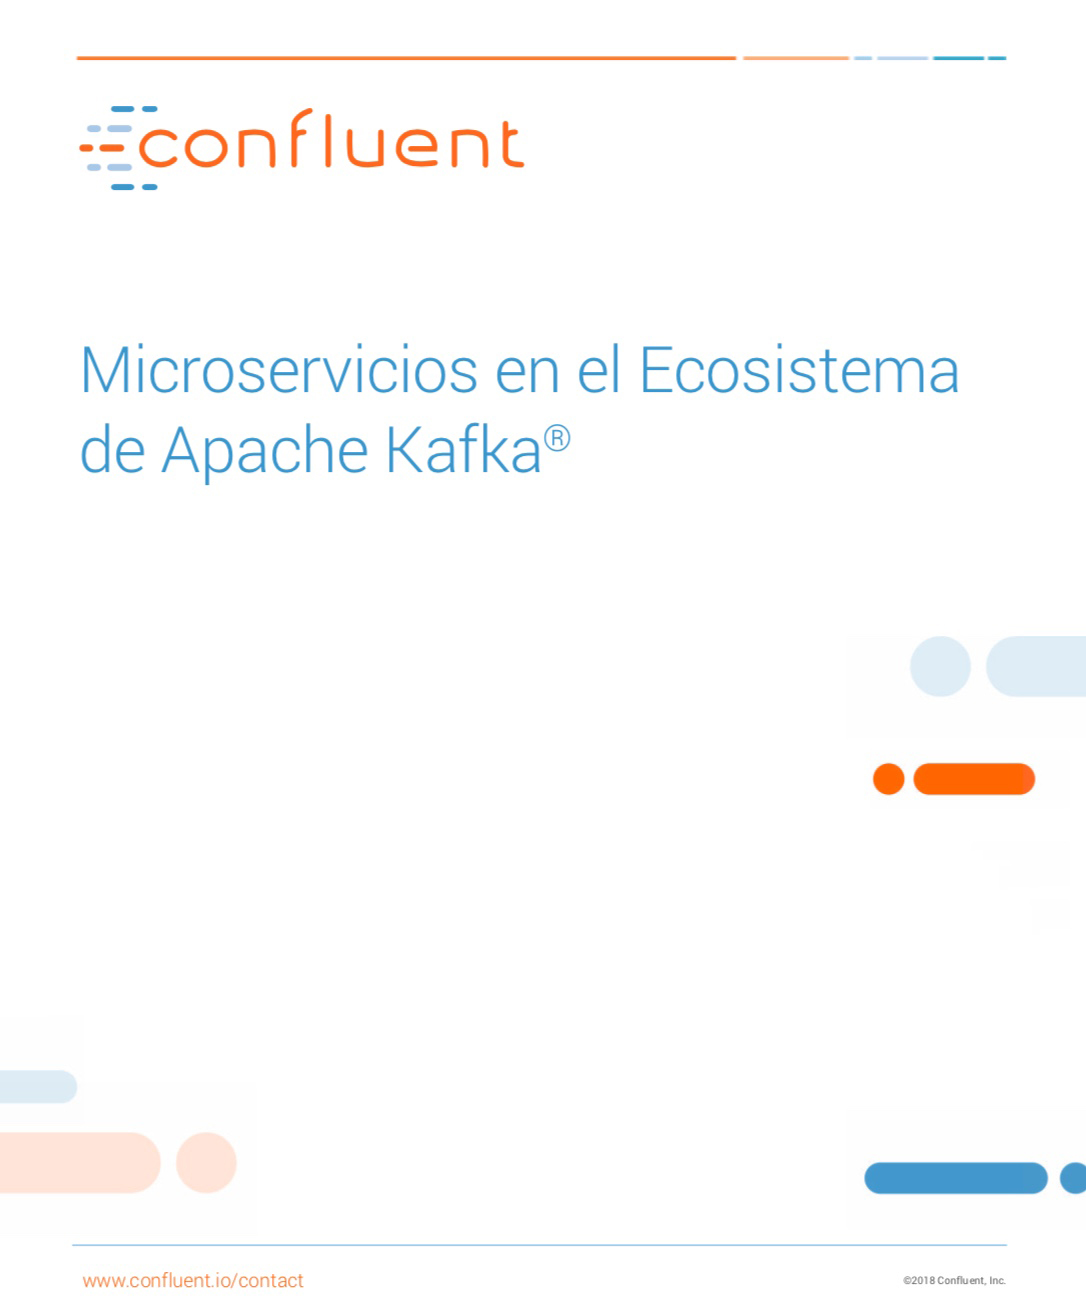 Creación de microservicios en el ecosistema Apache Kafka®